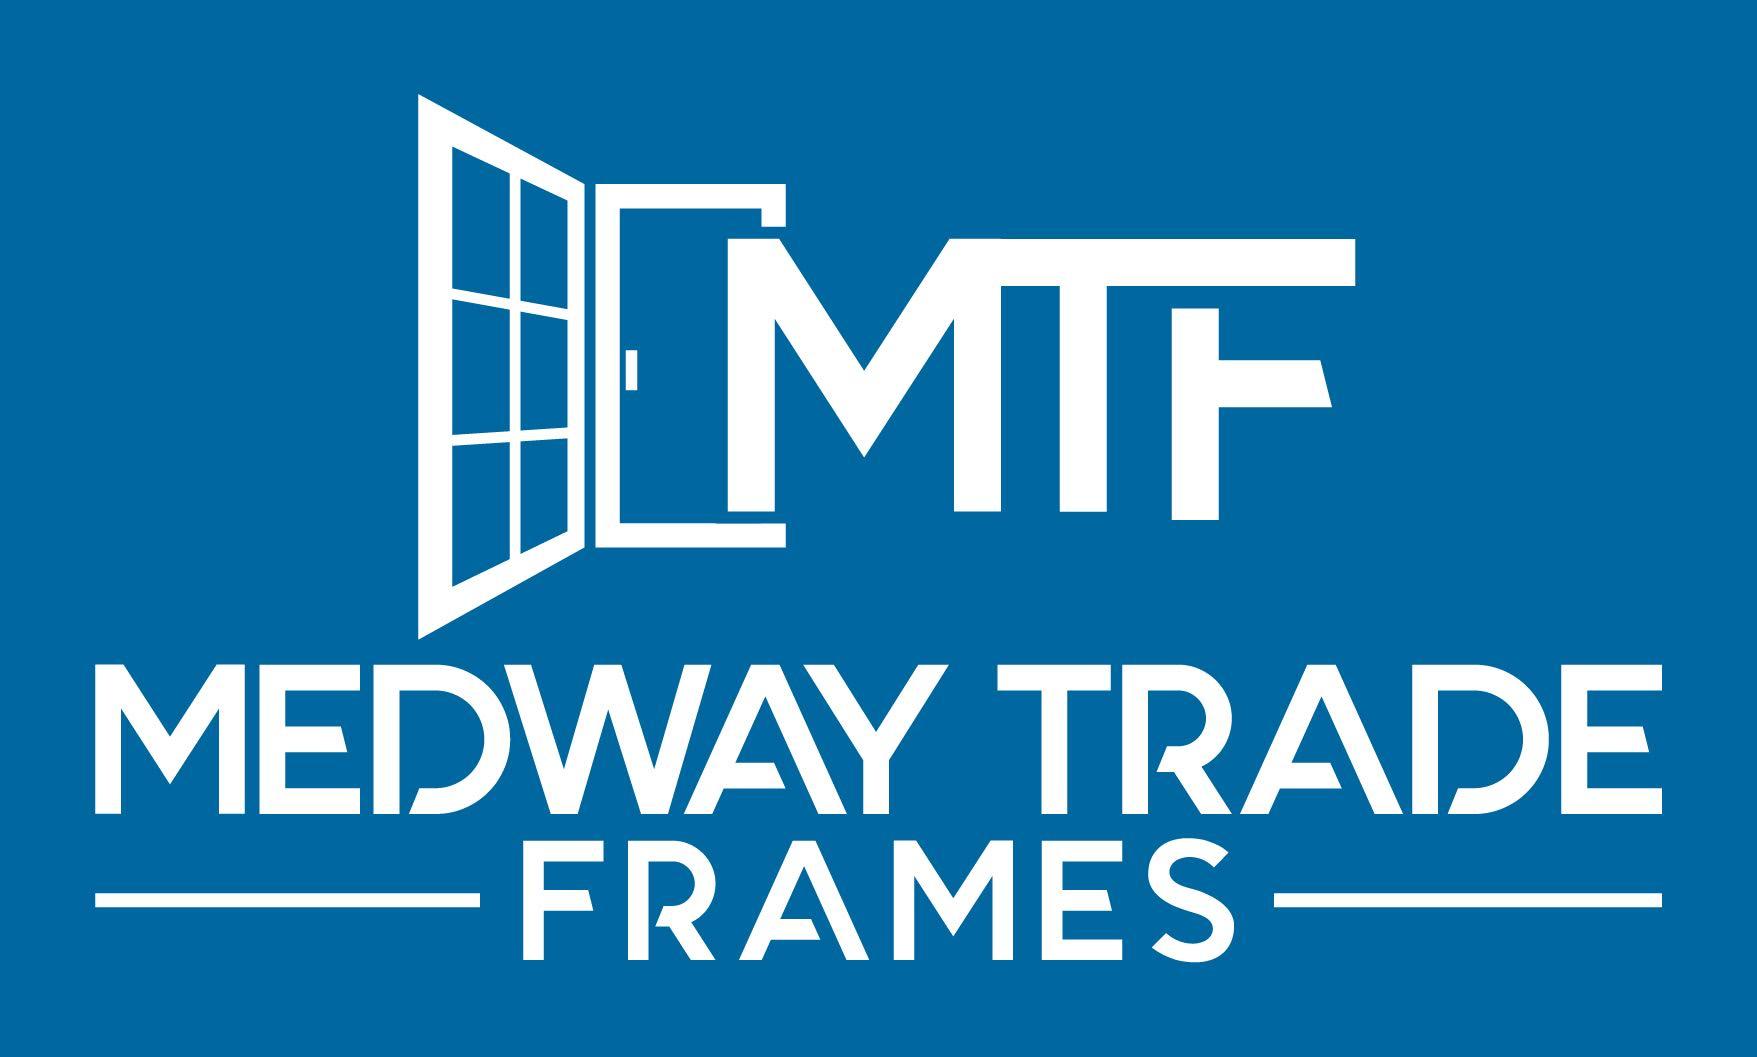 Medway Trade Frames